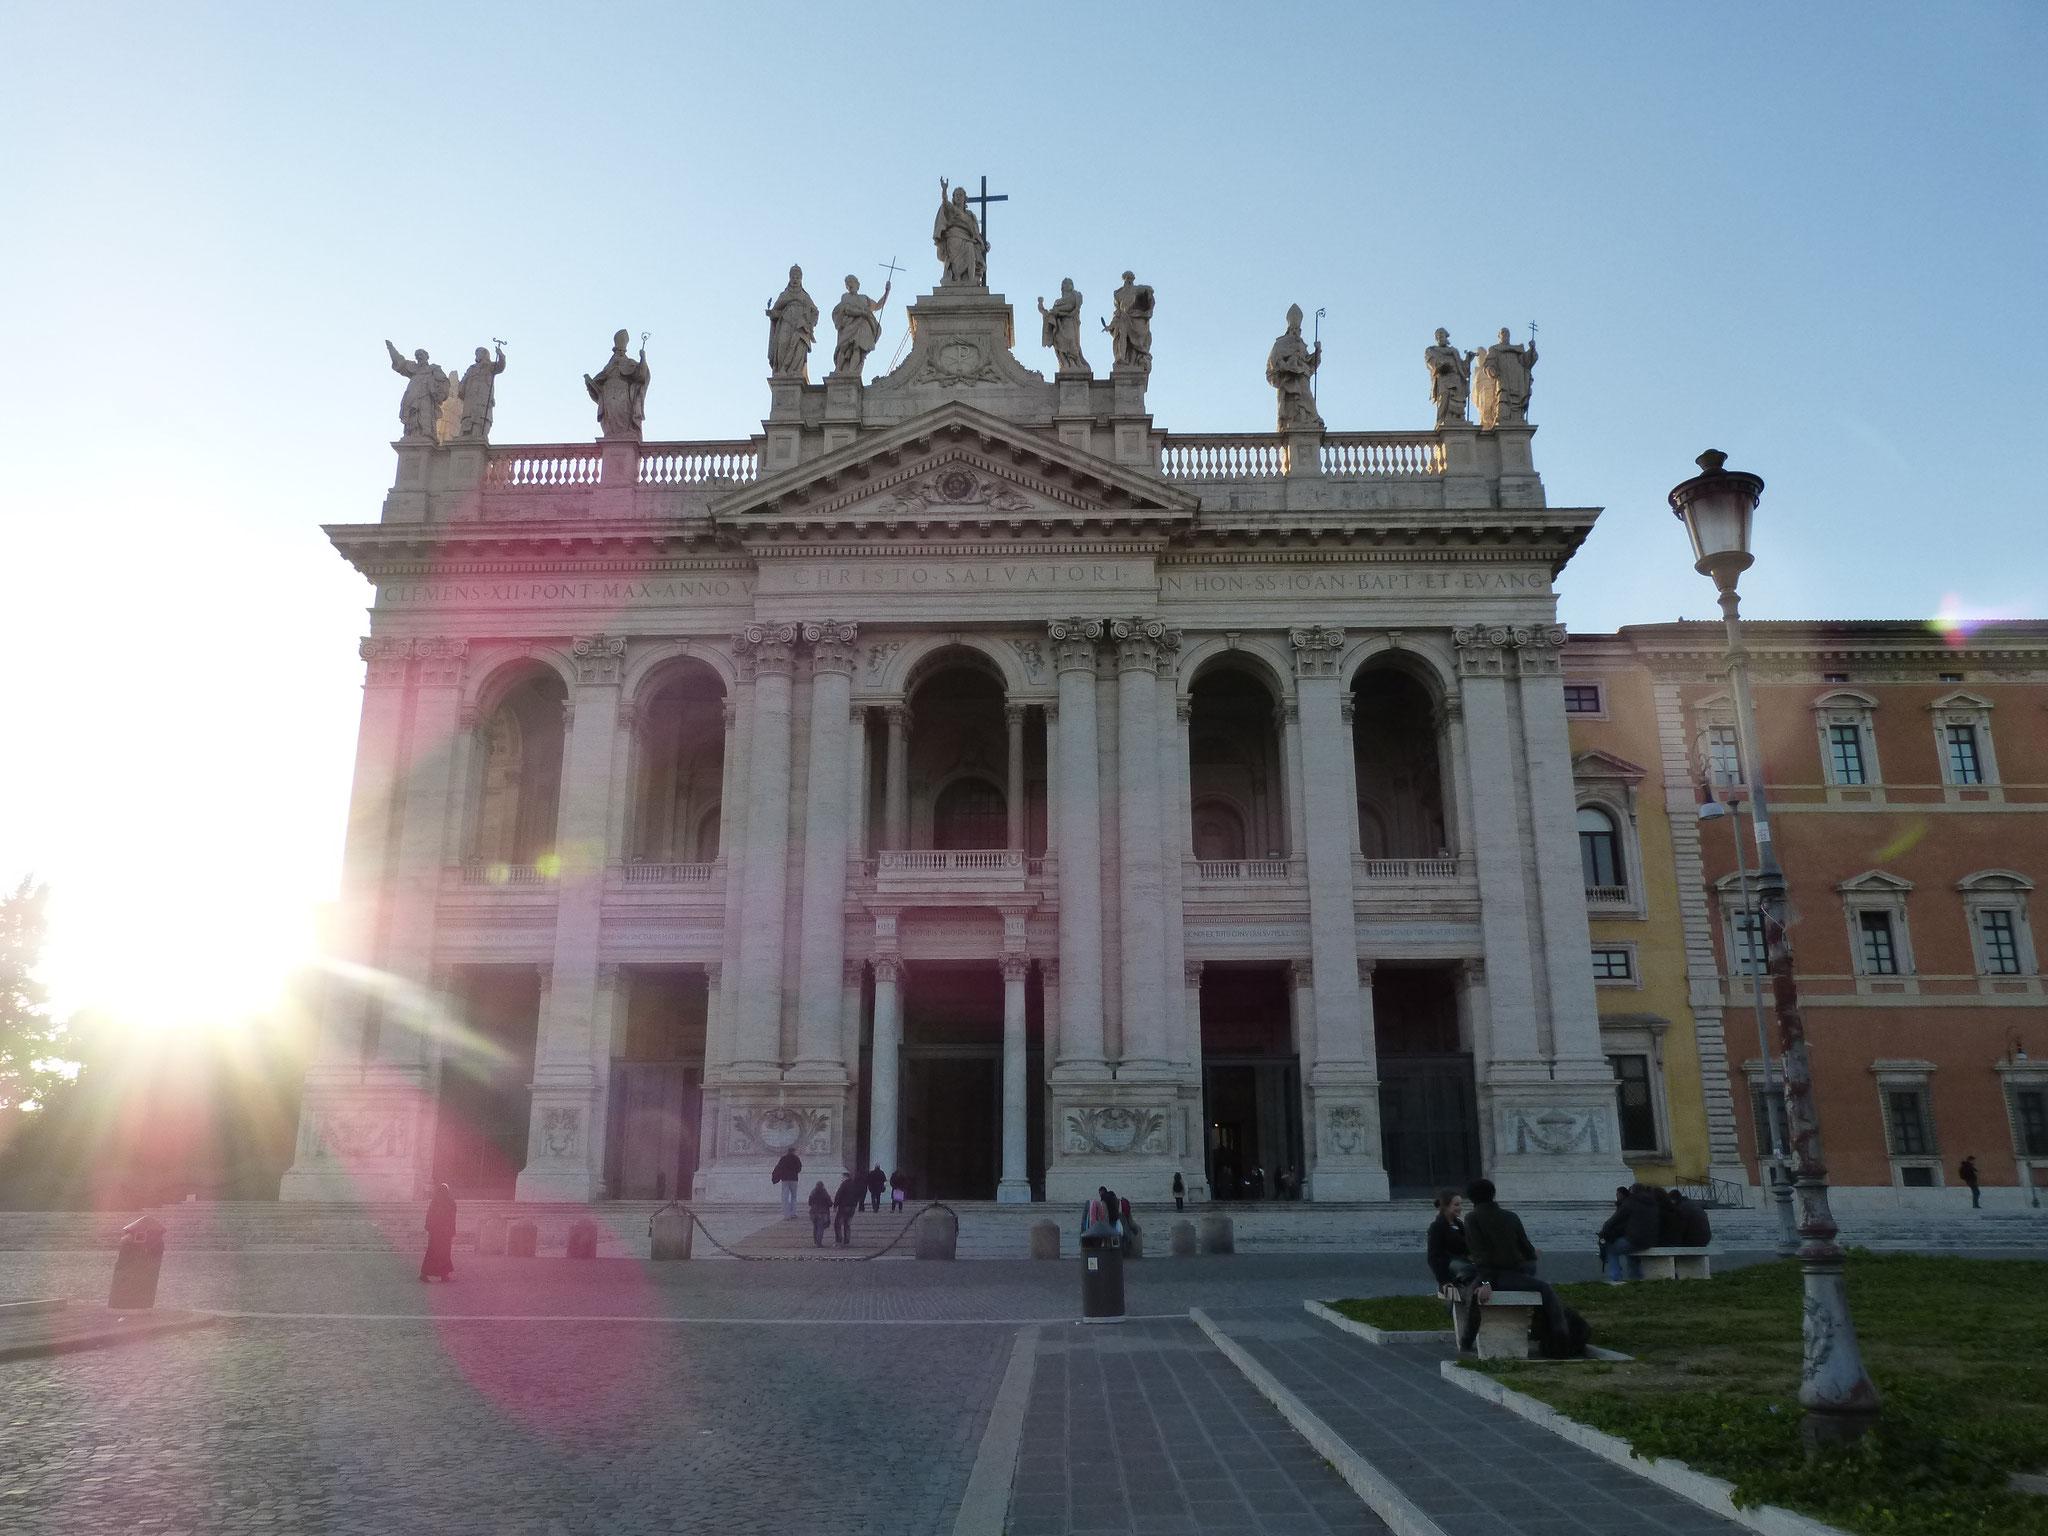 Die Hauptfassade der Basilika San Giovanni in Laterano.